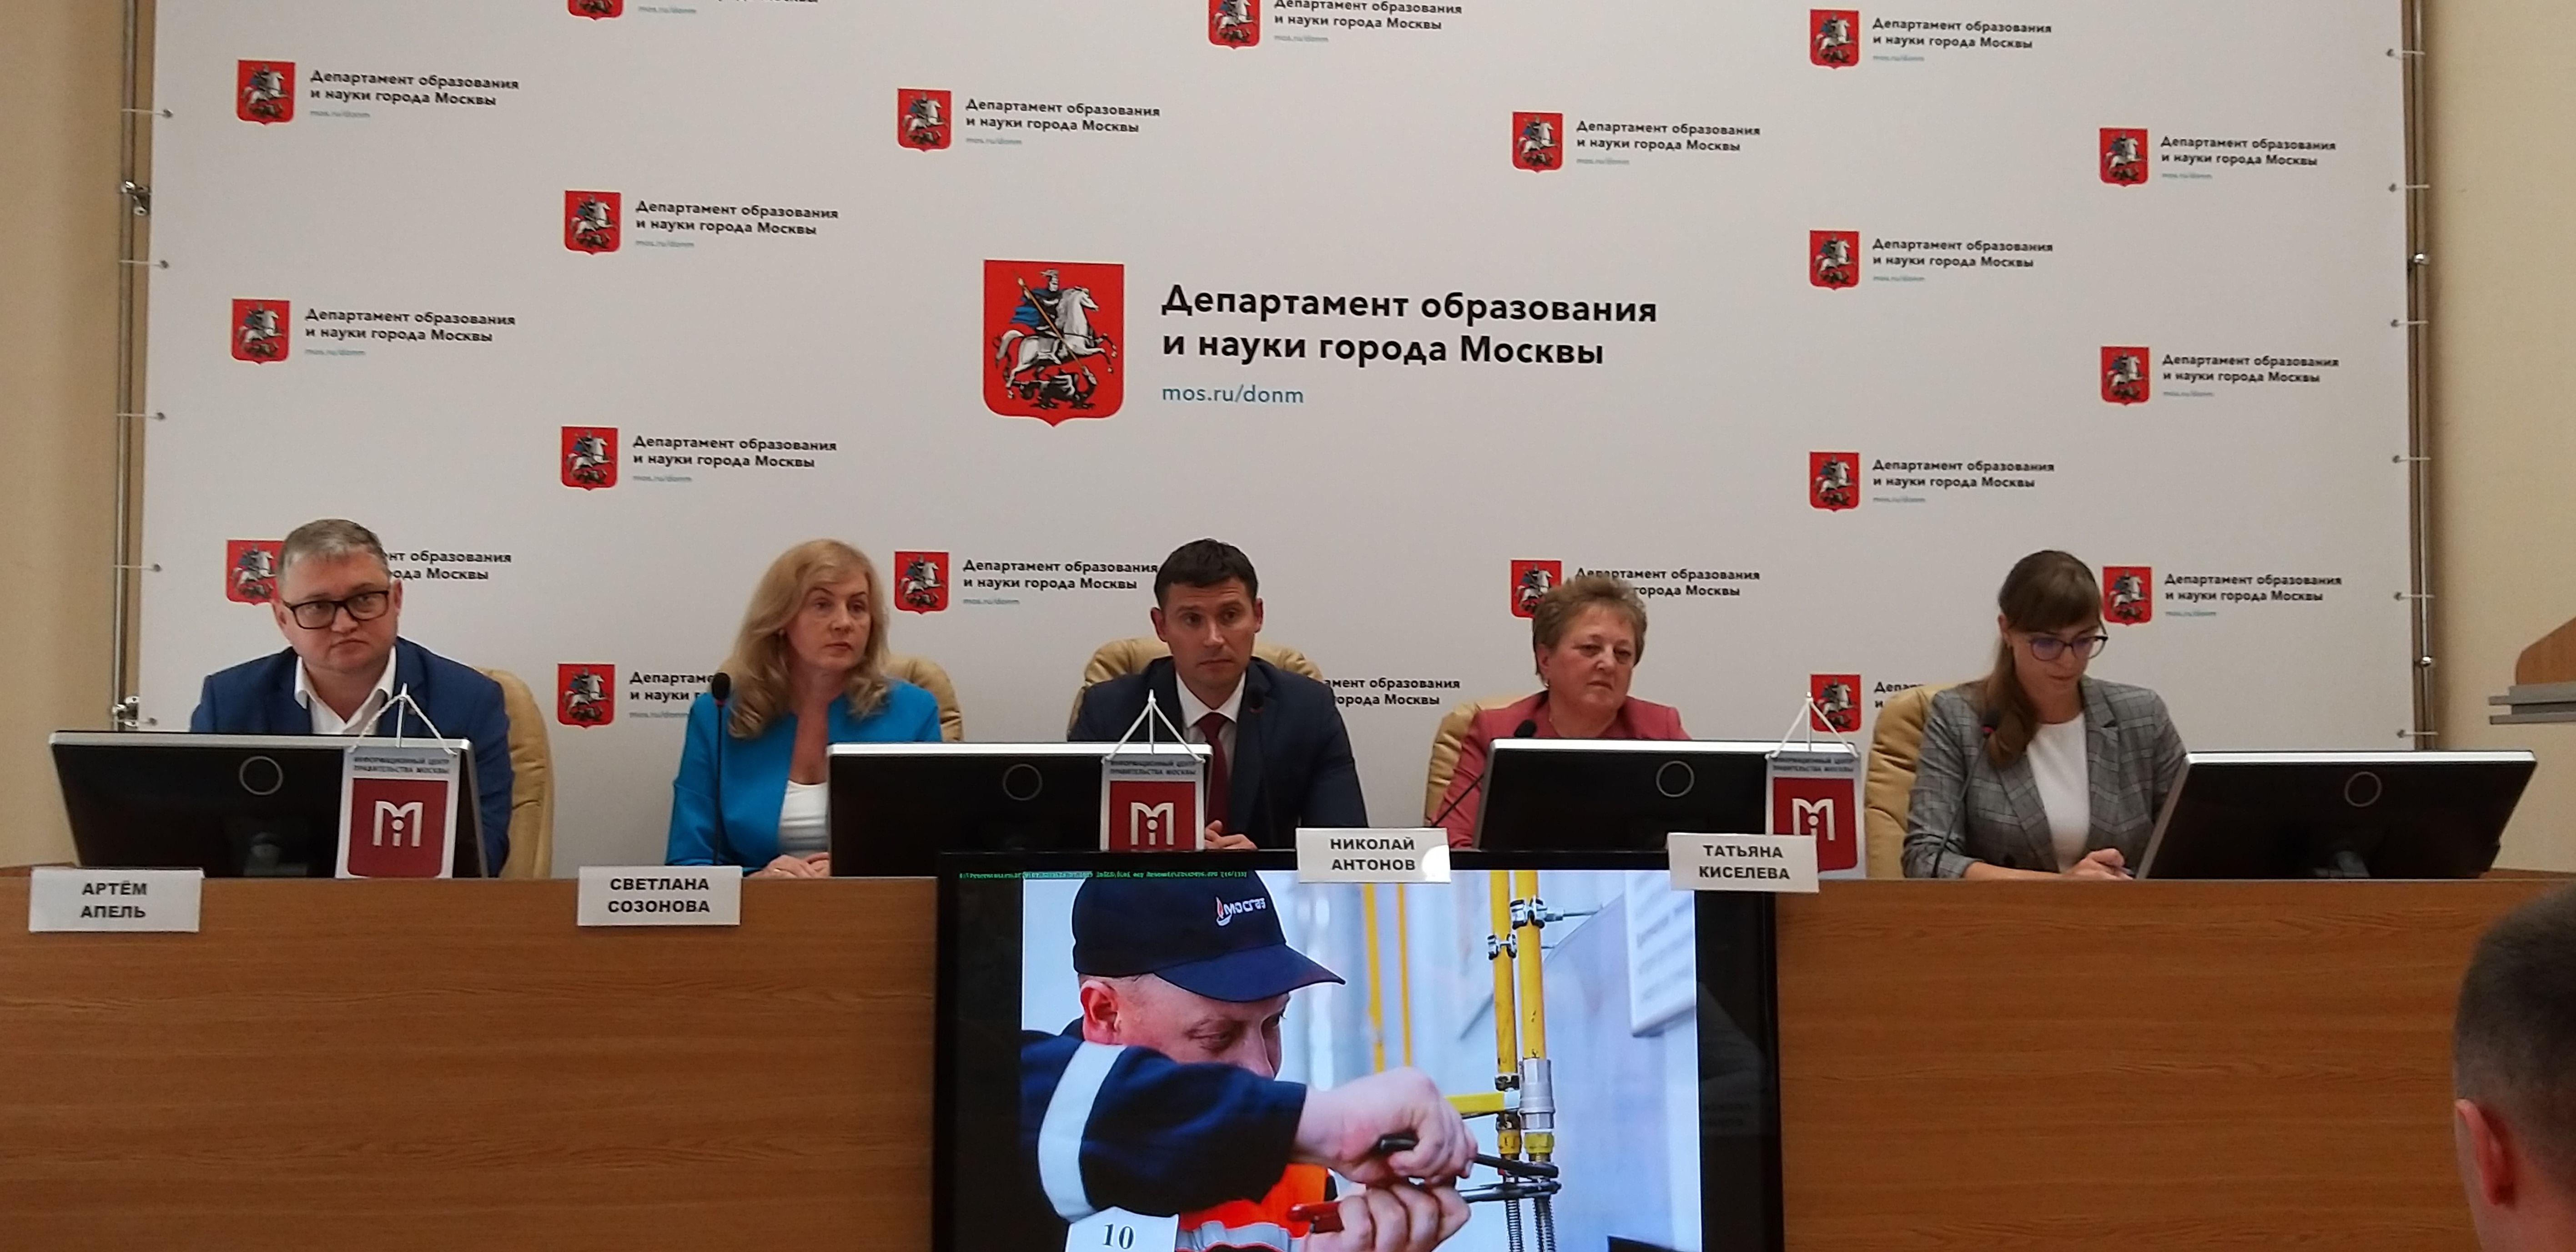 Среднее профессиональное образование обсудили в Москве